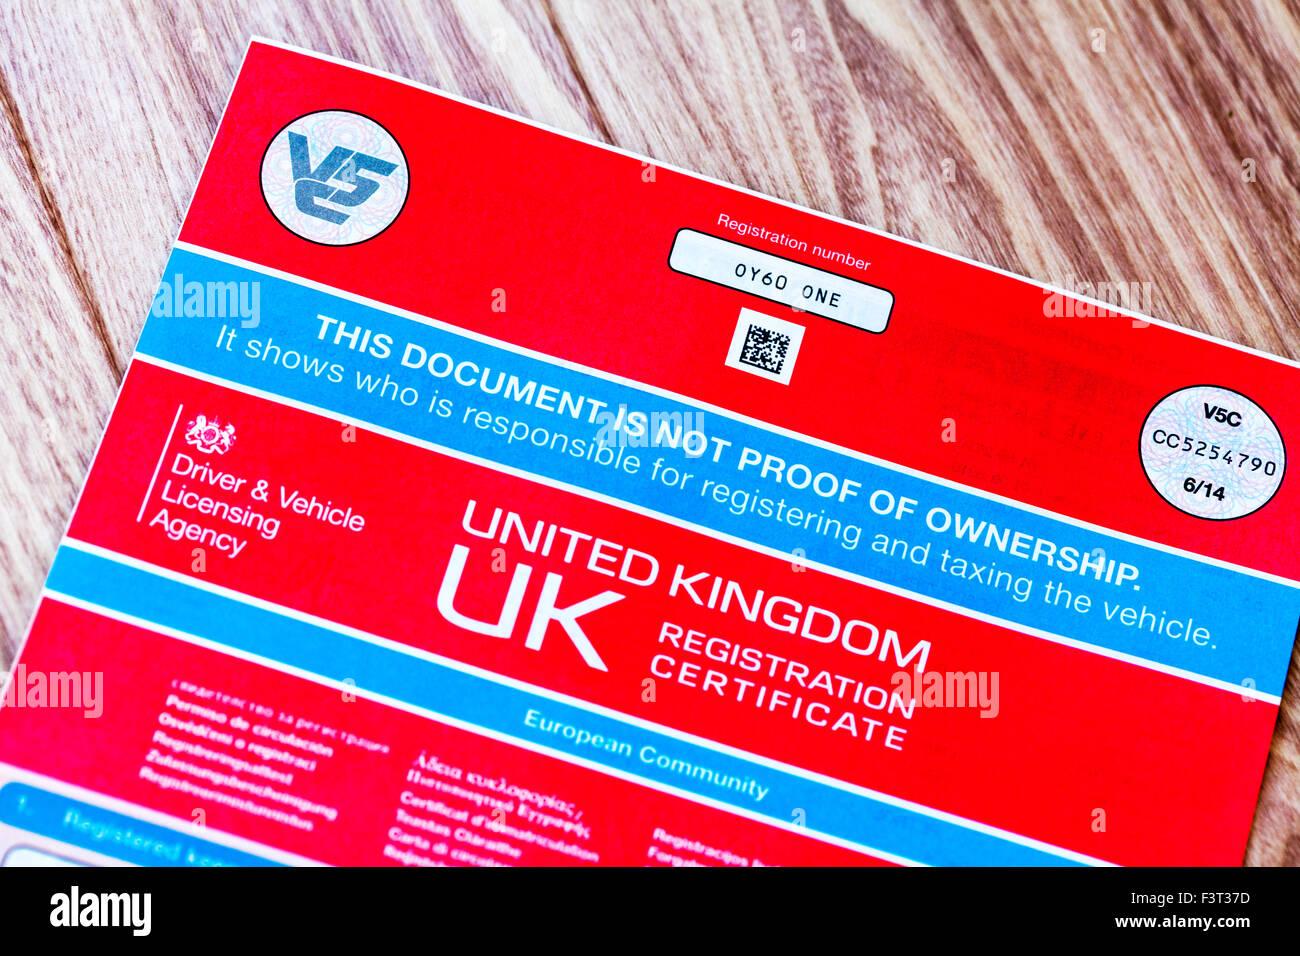 V5c coche documento certificado de registro de libro de registro de la prueba de propiedad del propietario uk inglaterra agencia de licencias de conducción de la UE dvla euro rojo Foto de stock